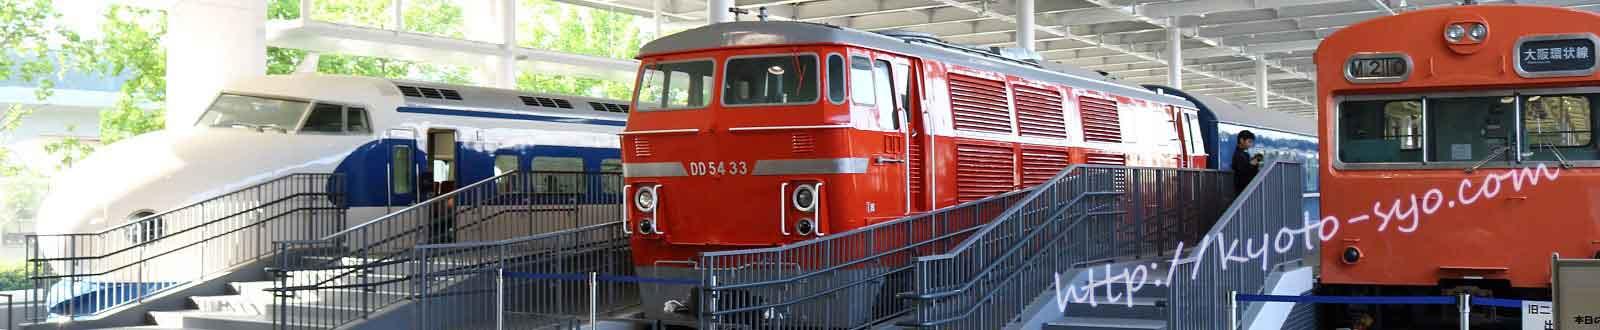 京都鉄道博物館のプロムナード